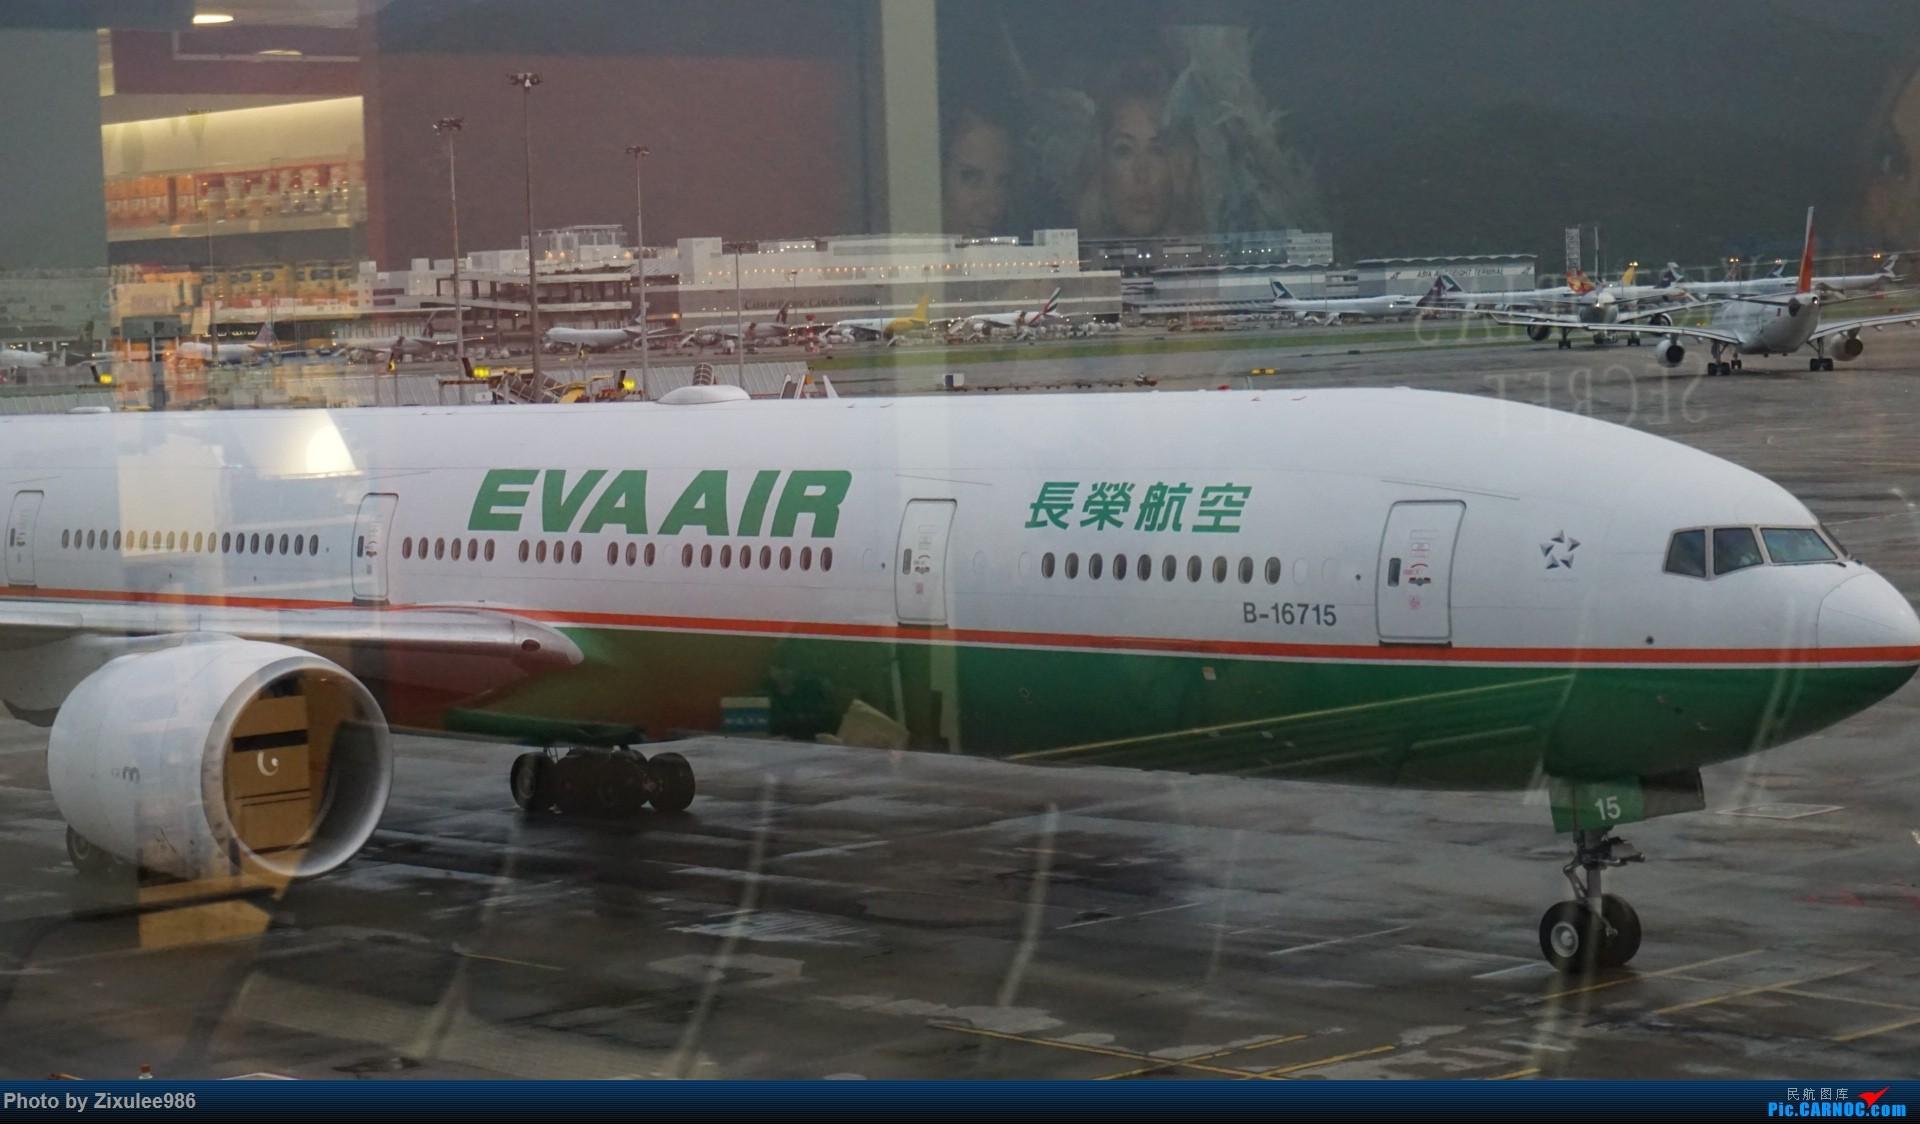 Re:[原创]台湾长荣航空公司 B-16715 Boeing777-35E(ER)有闪灯,拍摄于HKG BOEING 777-35E(ER) B-16715 中国香港国际机场